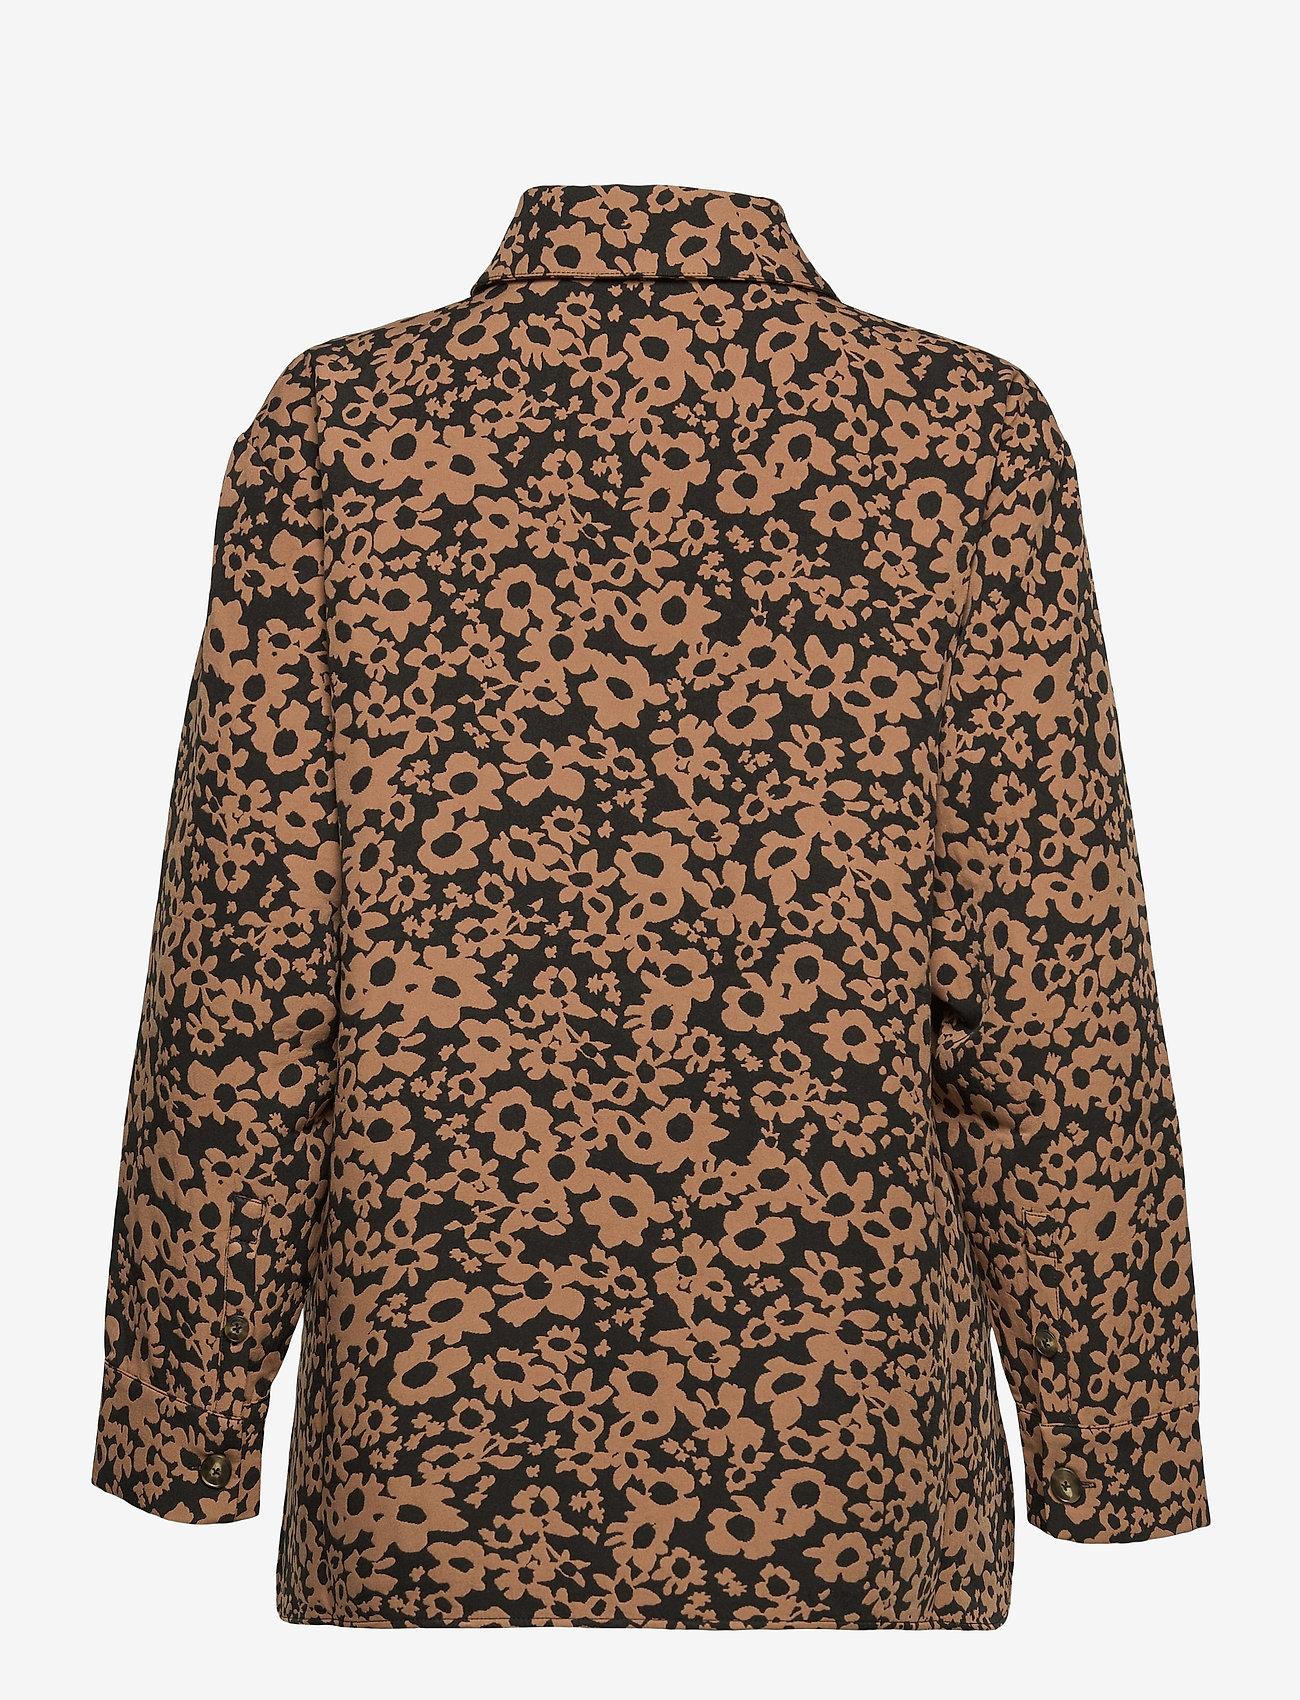 STINE GOYA - Silvi, 1033 Stretch Jacquard - långärmade skjortor - daisy - 2